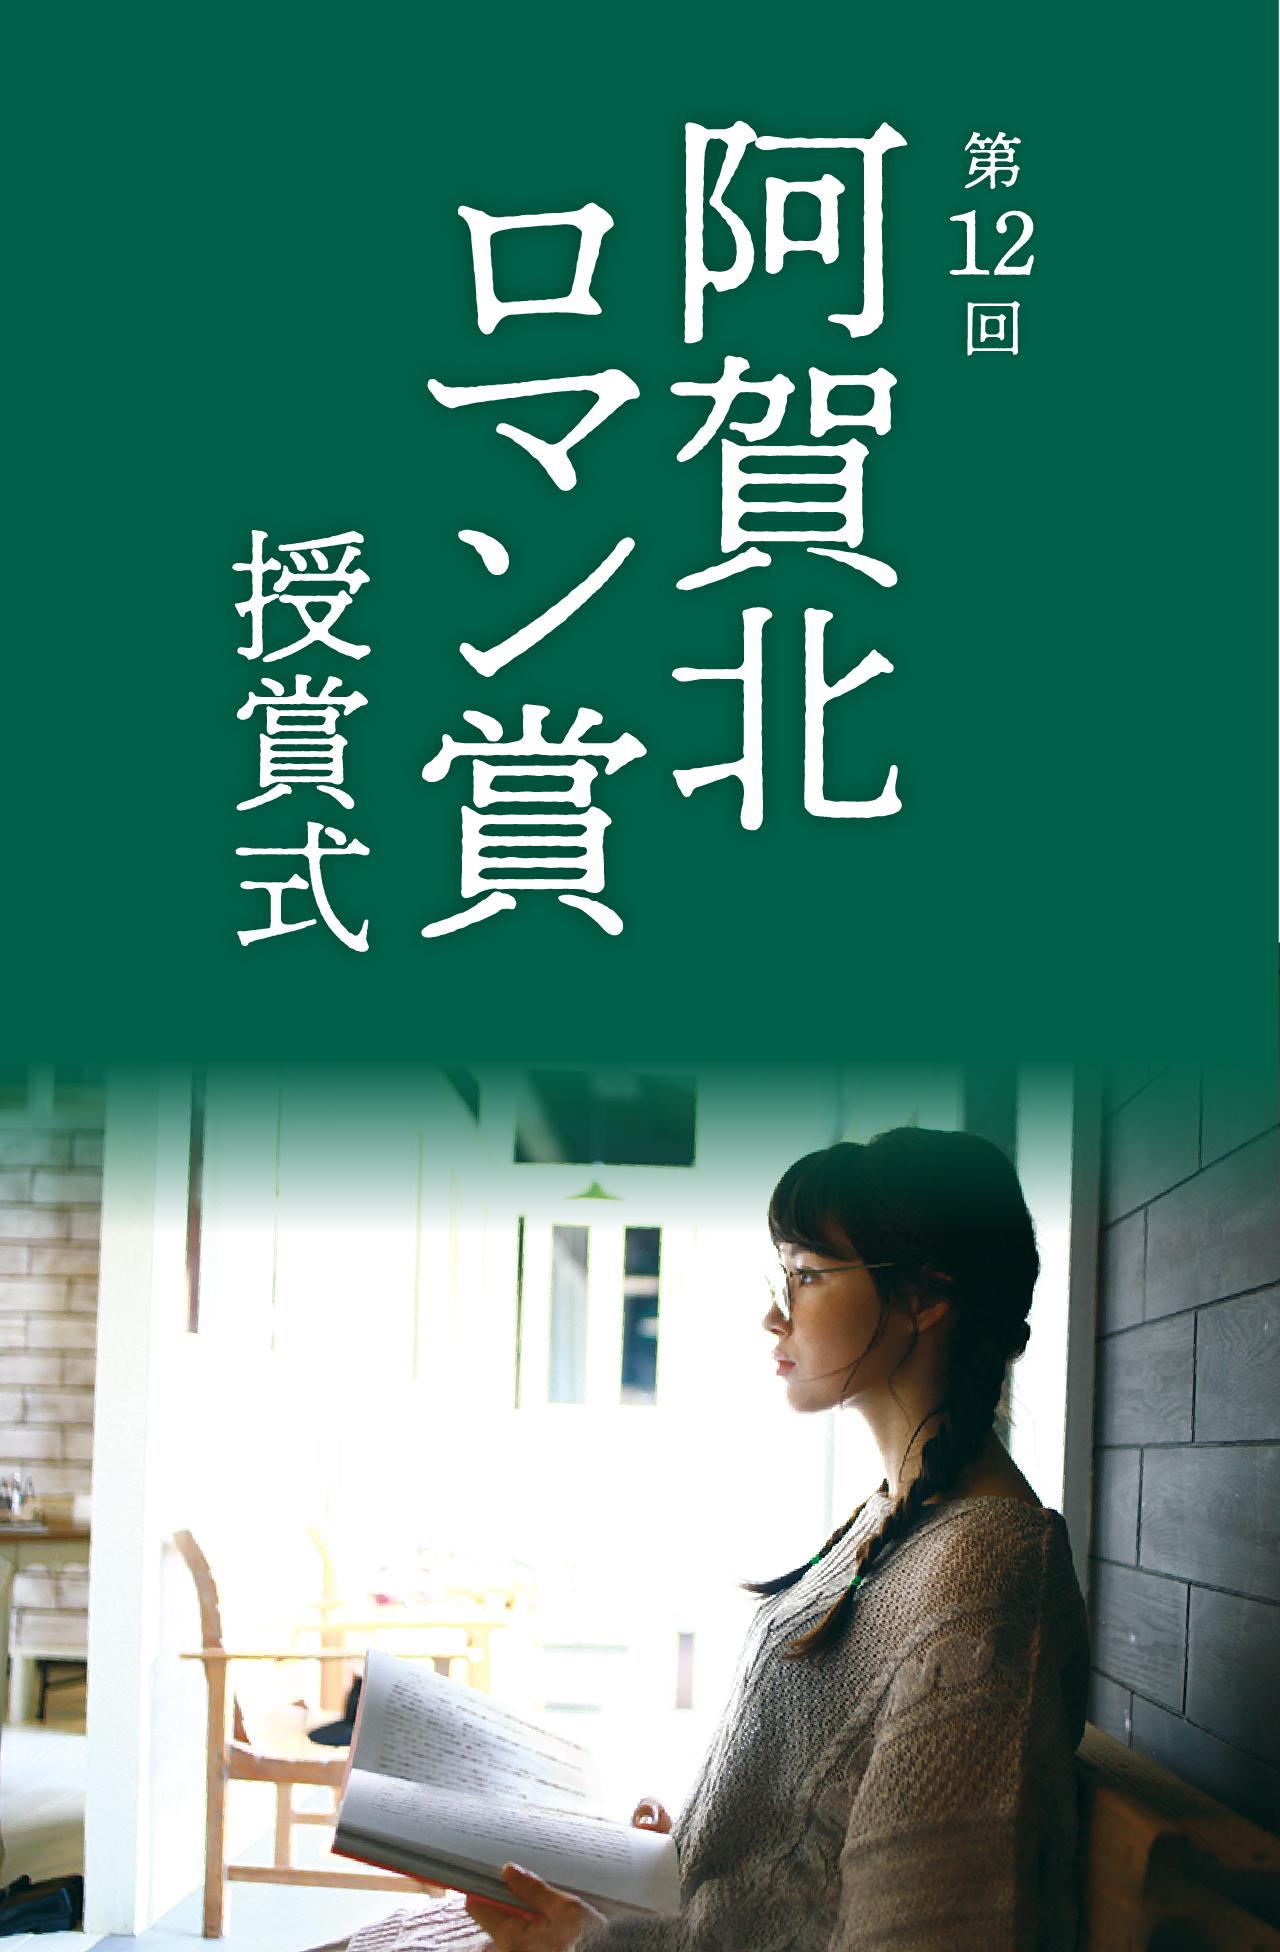 第12回阿賀北ロマン賞受賞式